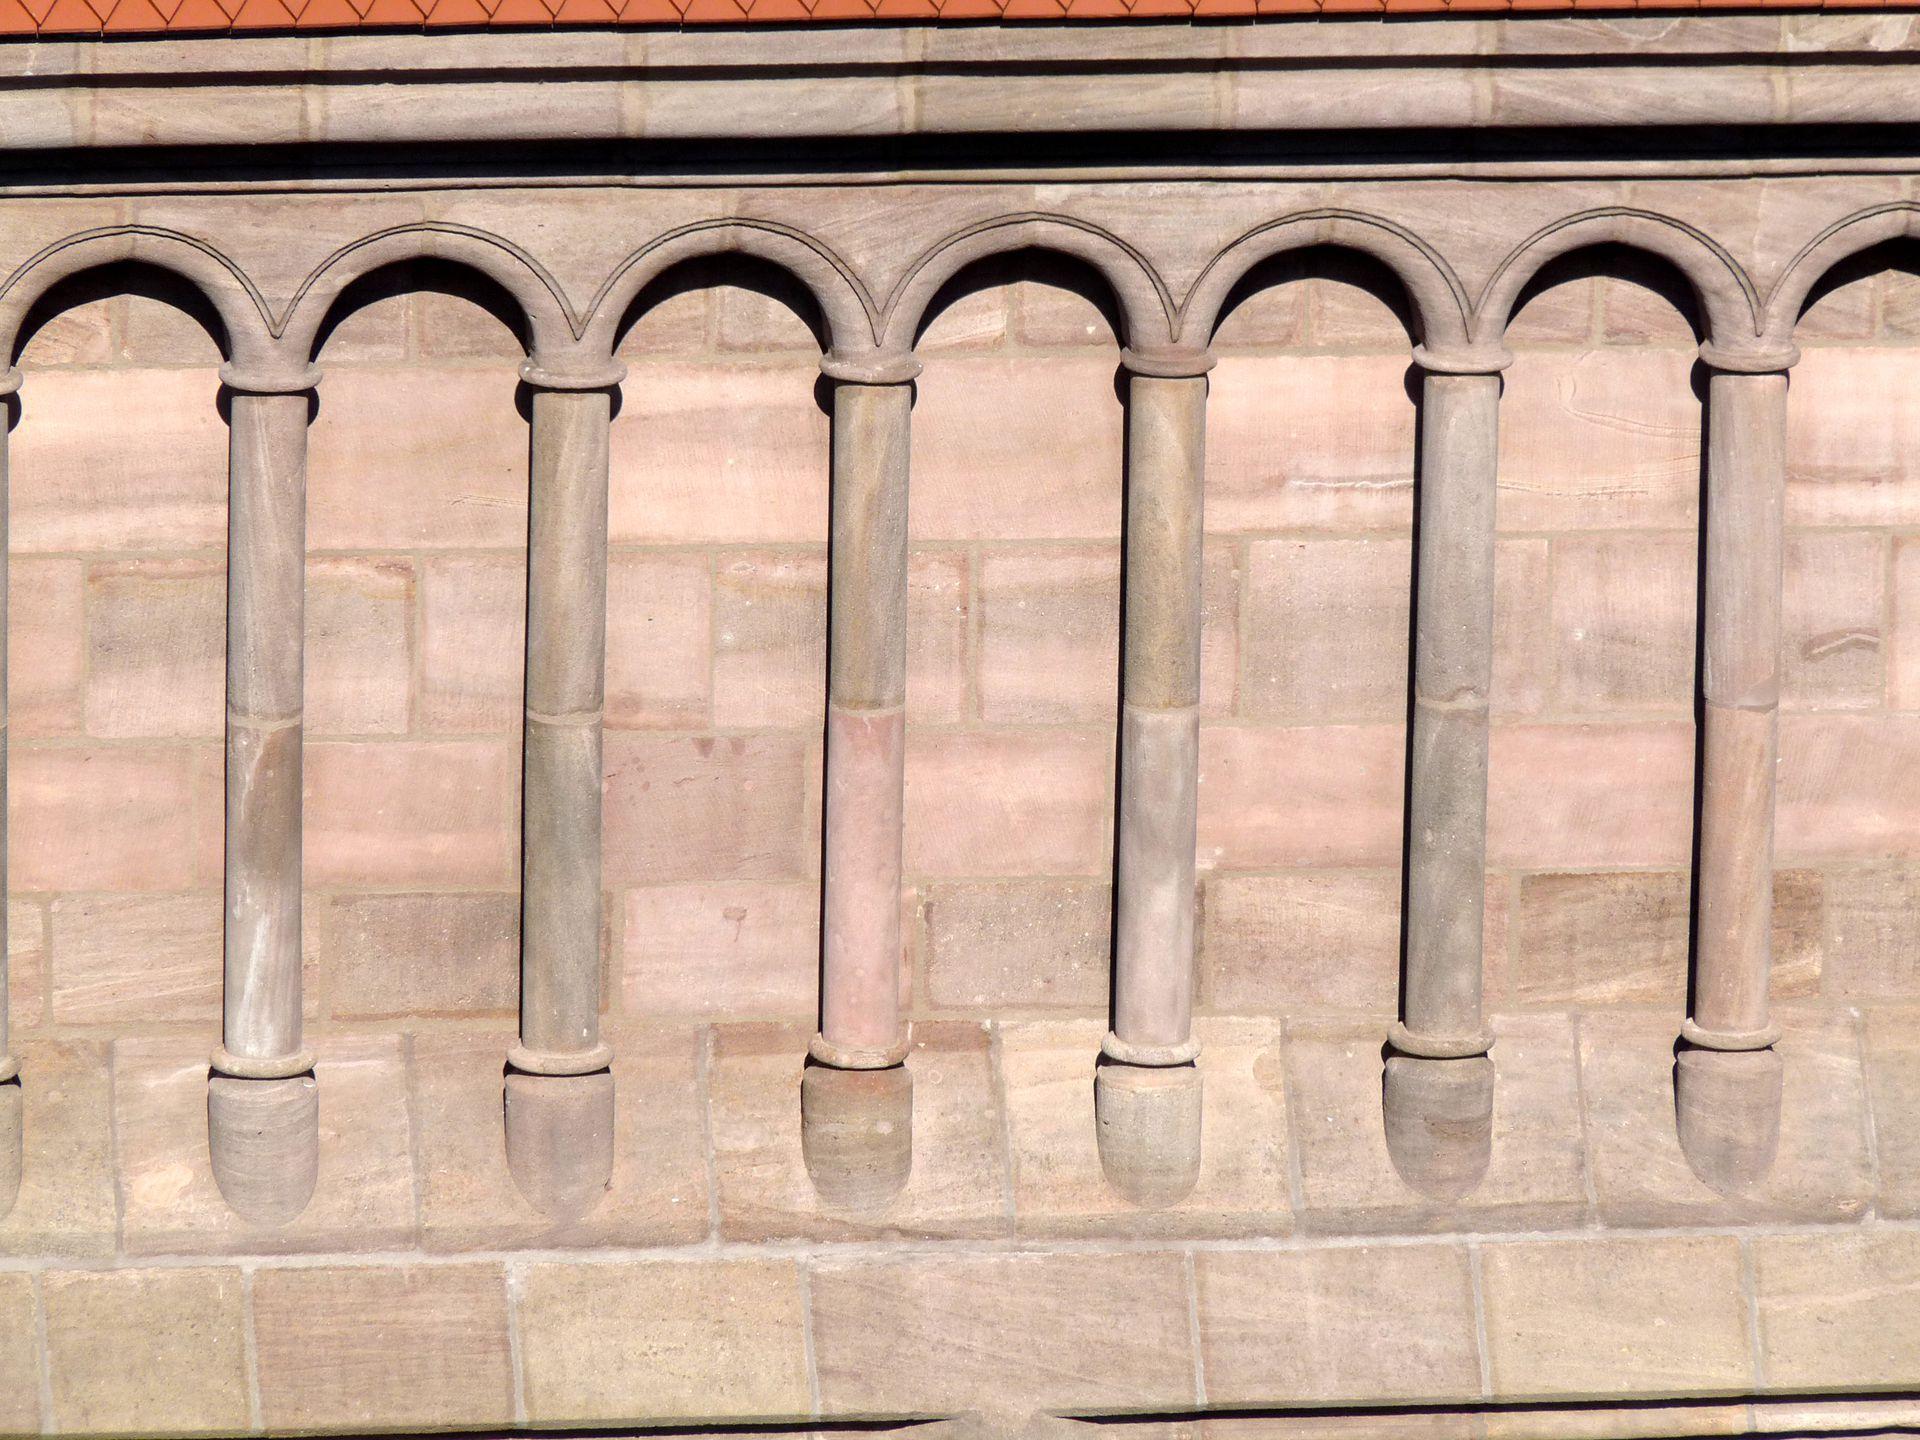 St. Lorenz, Chor Westgiebel, Detail der Bogenstellungen (von Hans Behaim?)